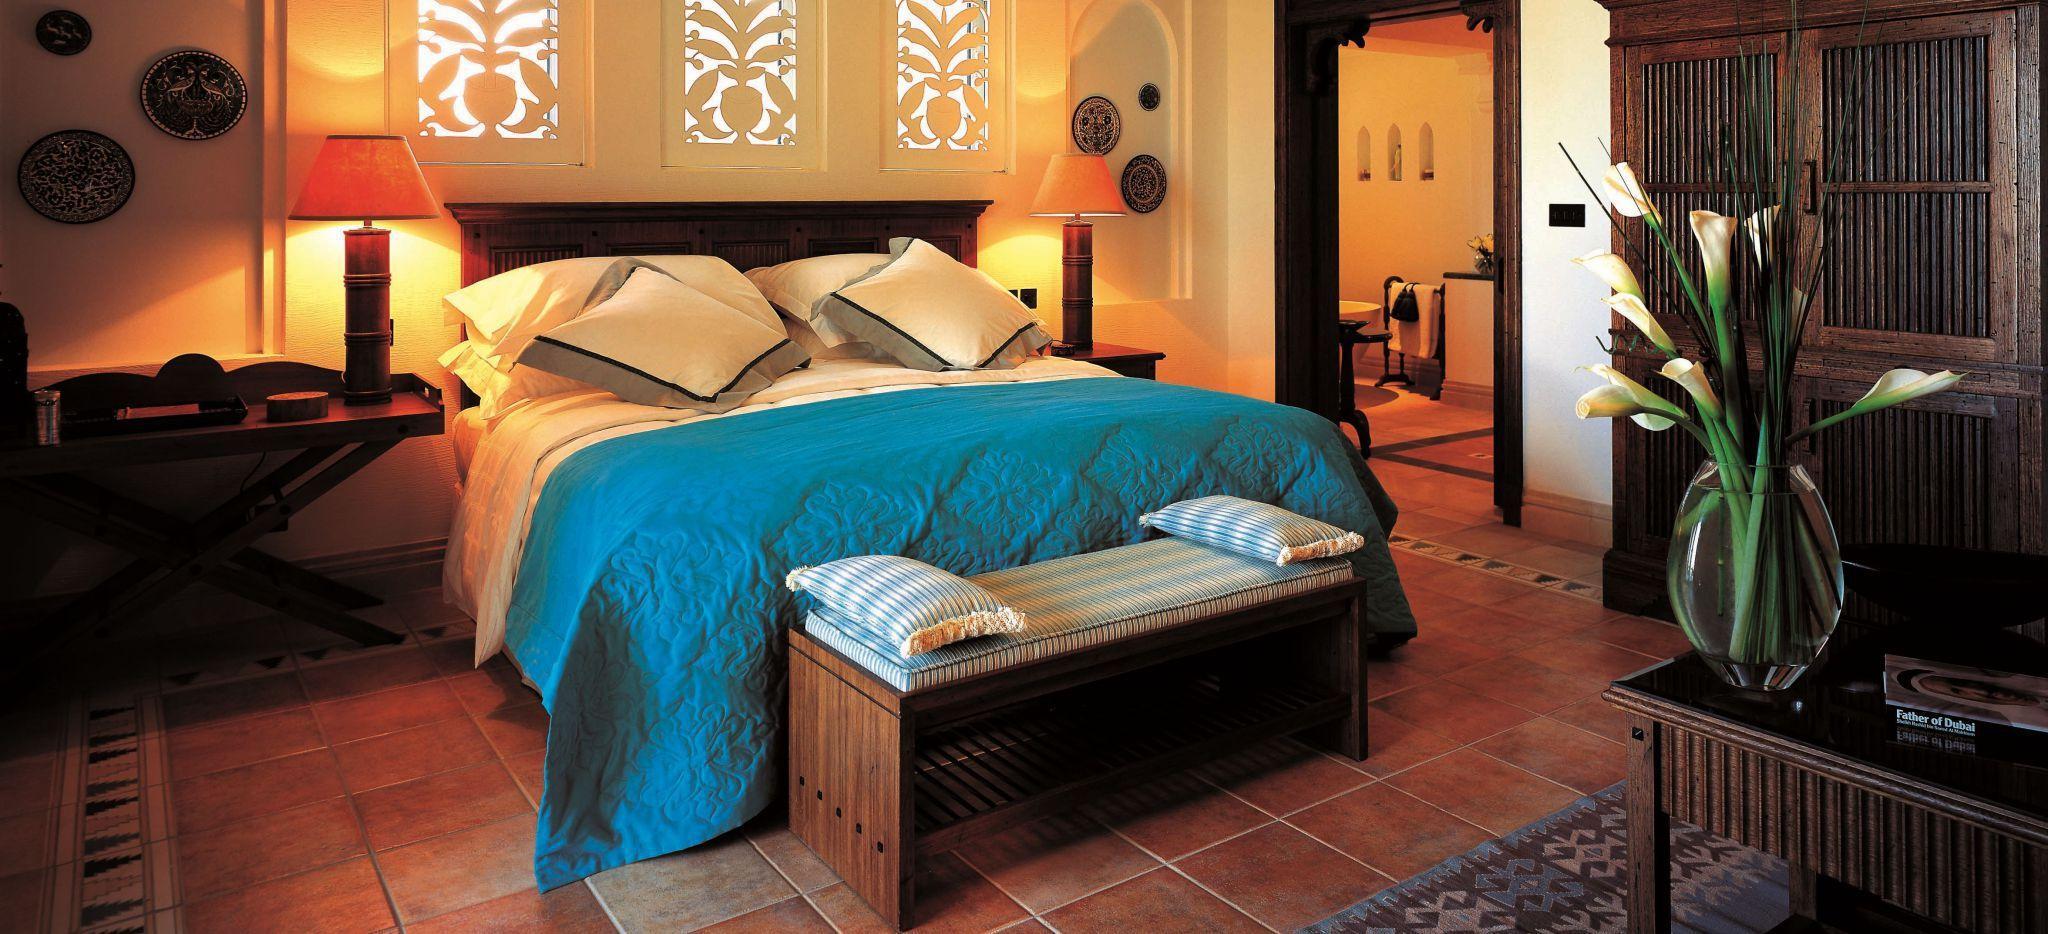 Hotelzimmer mit Bett, erleuchtet im Hotel Madinat Jumeirah Dar Al Masyaf